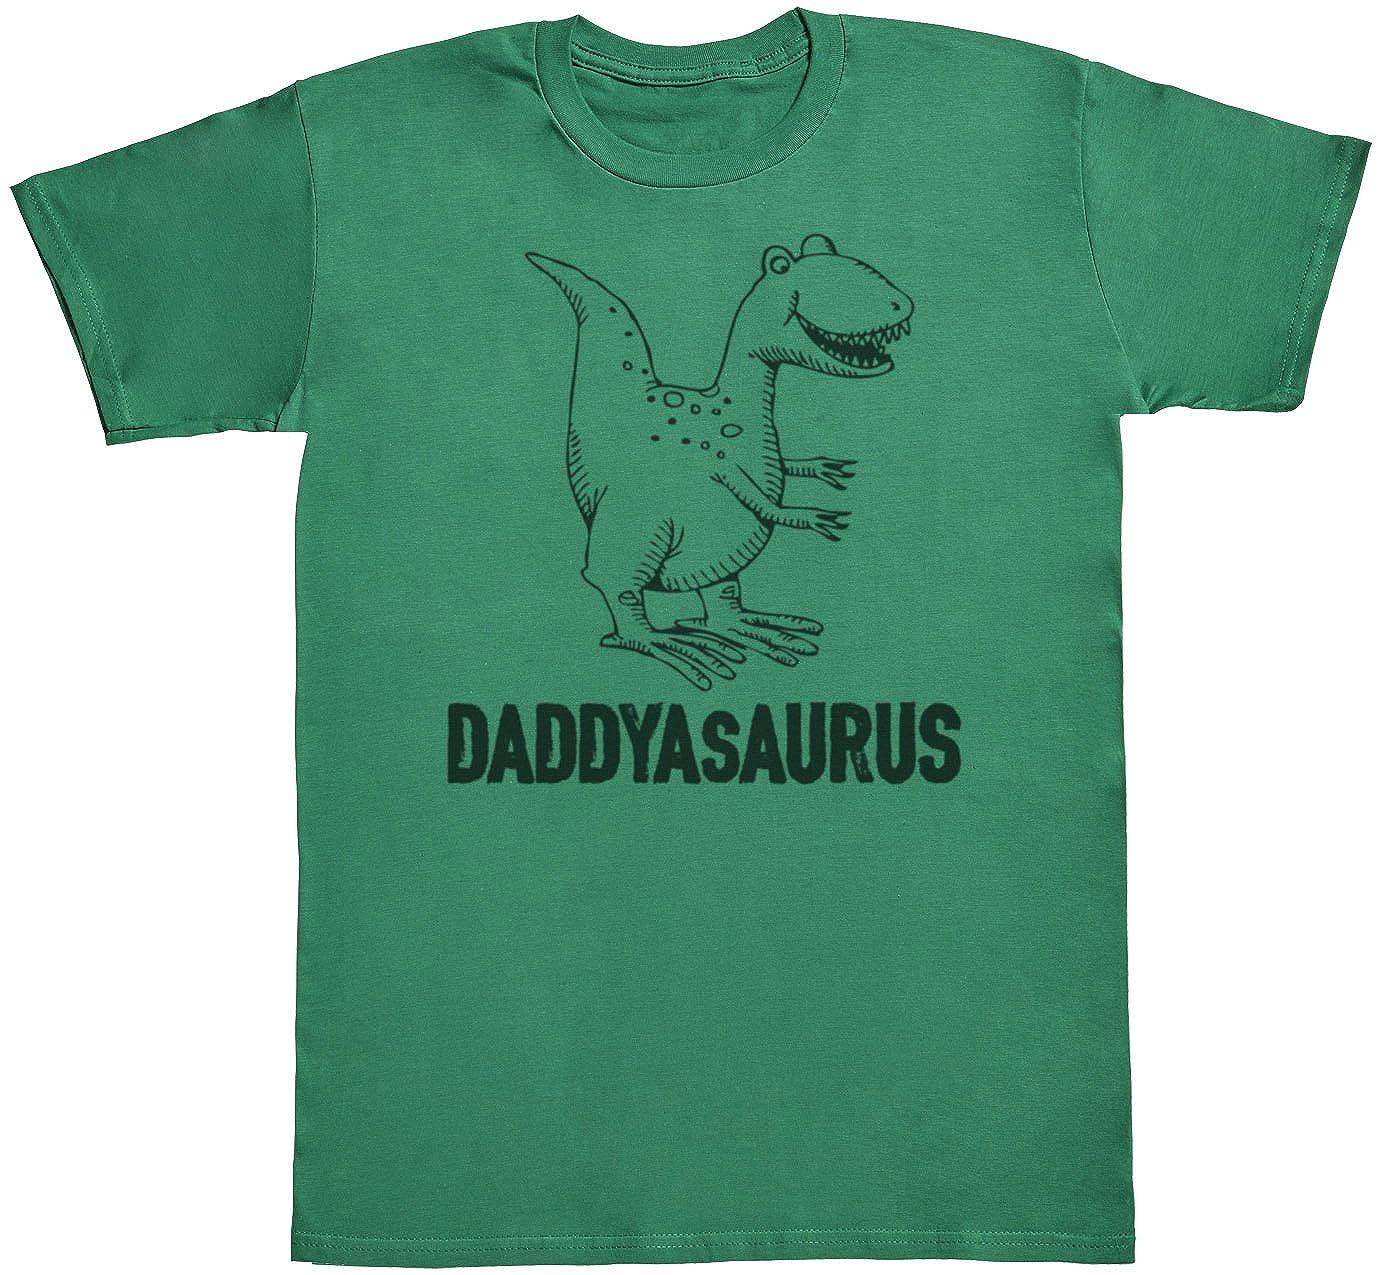 regalo para padres y beb/és en un cuerpo para beb/és y una camiseta de hombre a juego Daddysaurus /& Babysaurus